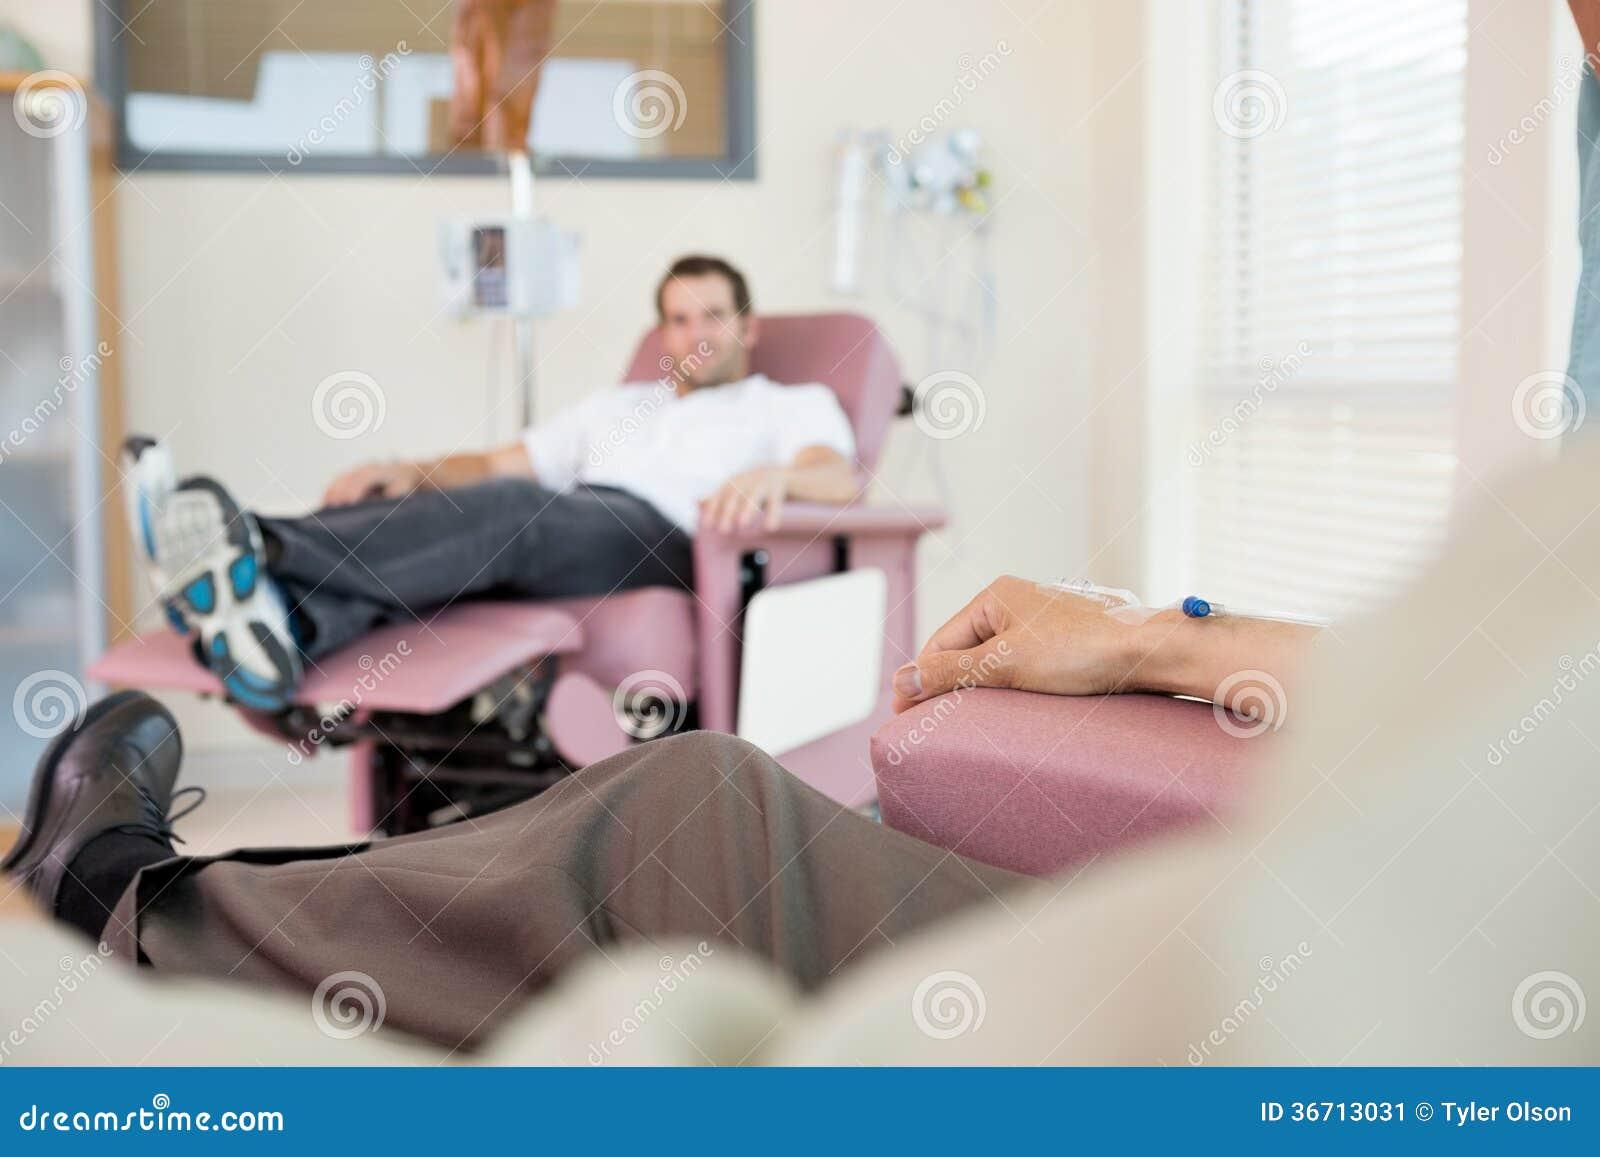 Photos Hospital Room Iv Drip